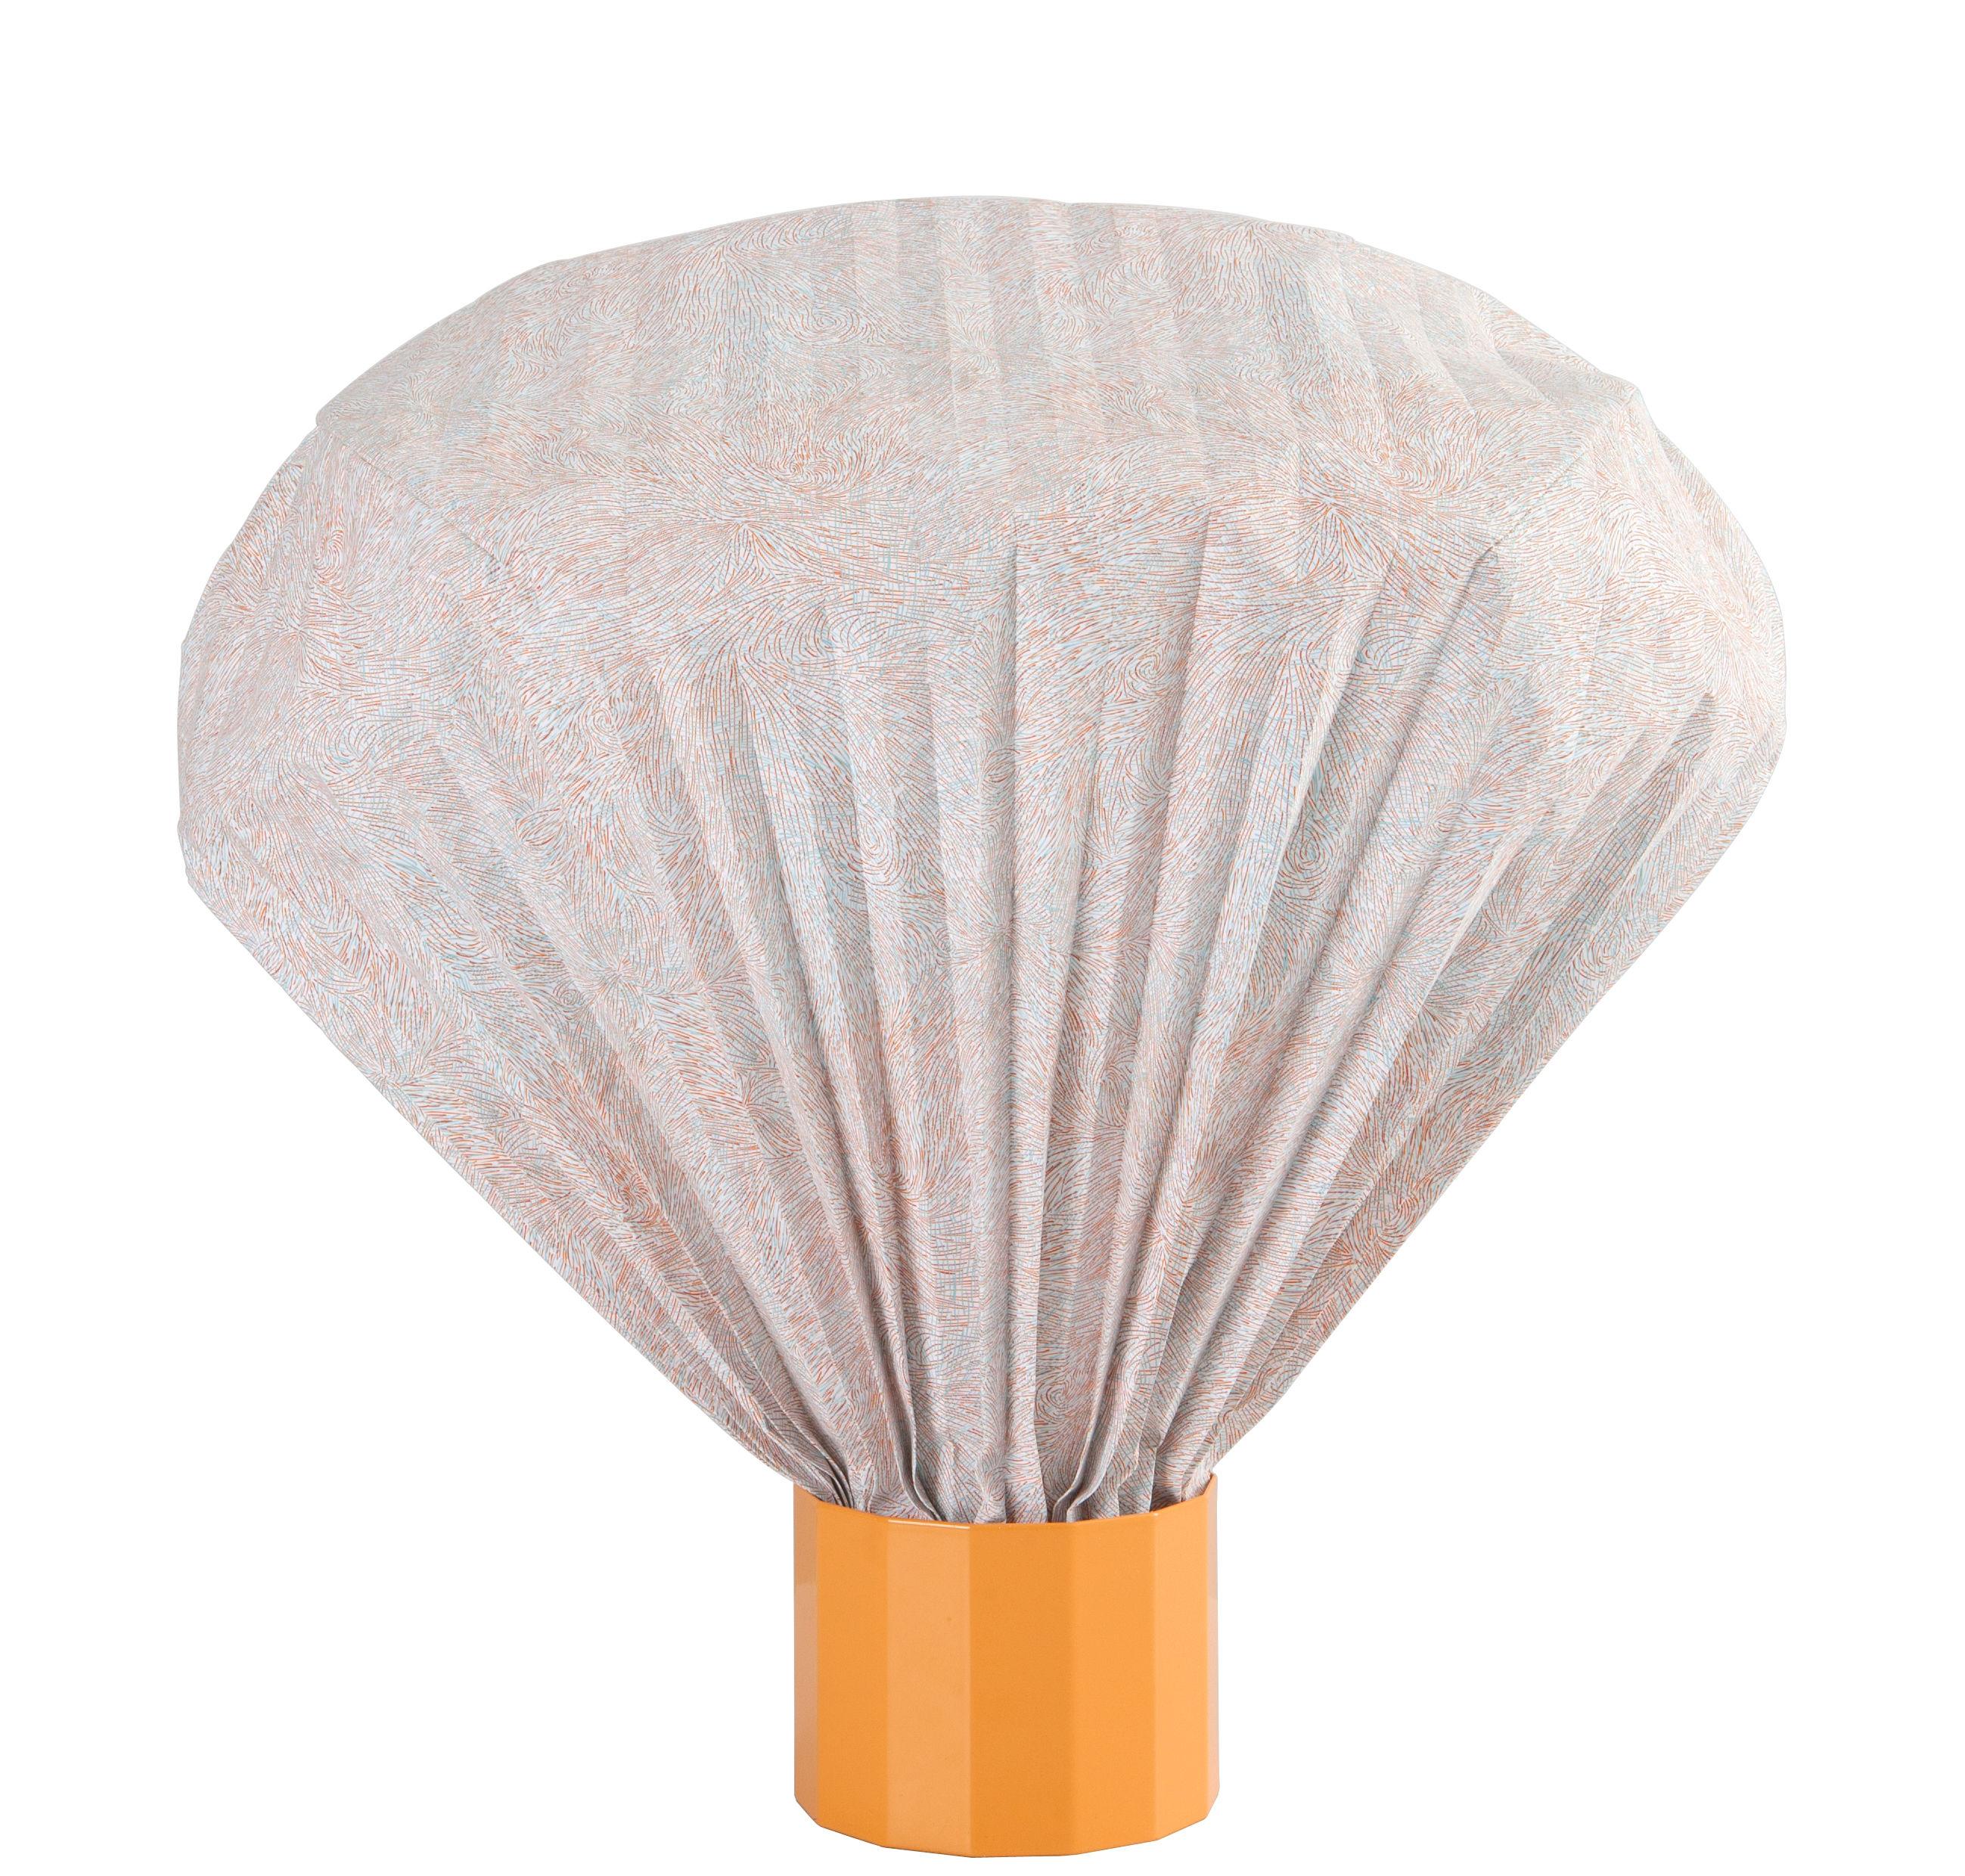 Luminaire - Lampes de table - Lampe de table Coloured Vaporetto / H 36 cm - Moustache - Base orange / Diffuseur corail & bleu - Métal laqué, Papier Tyvek